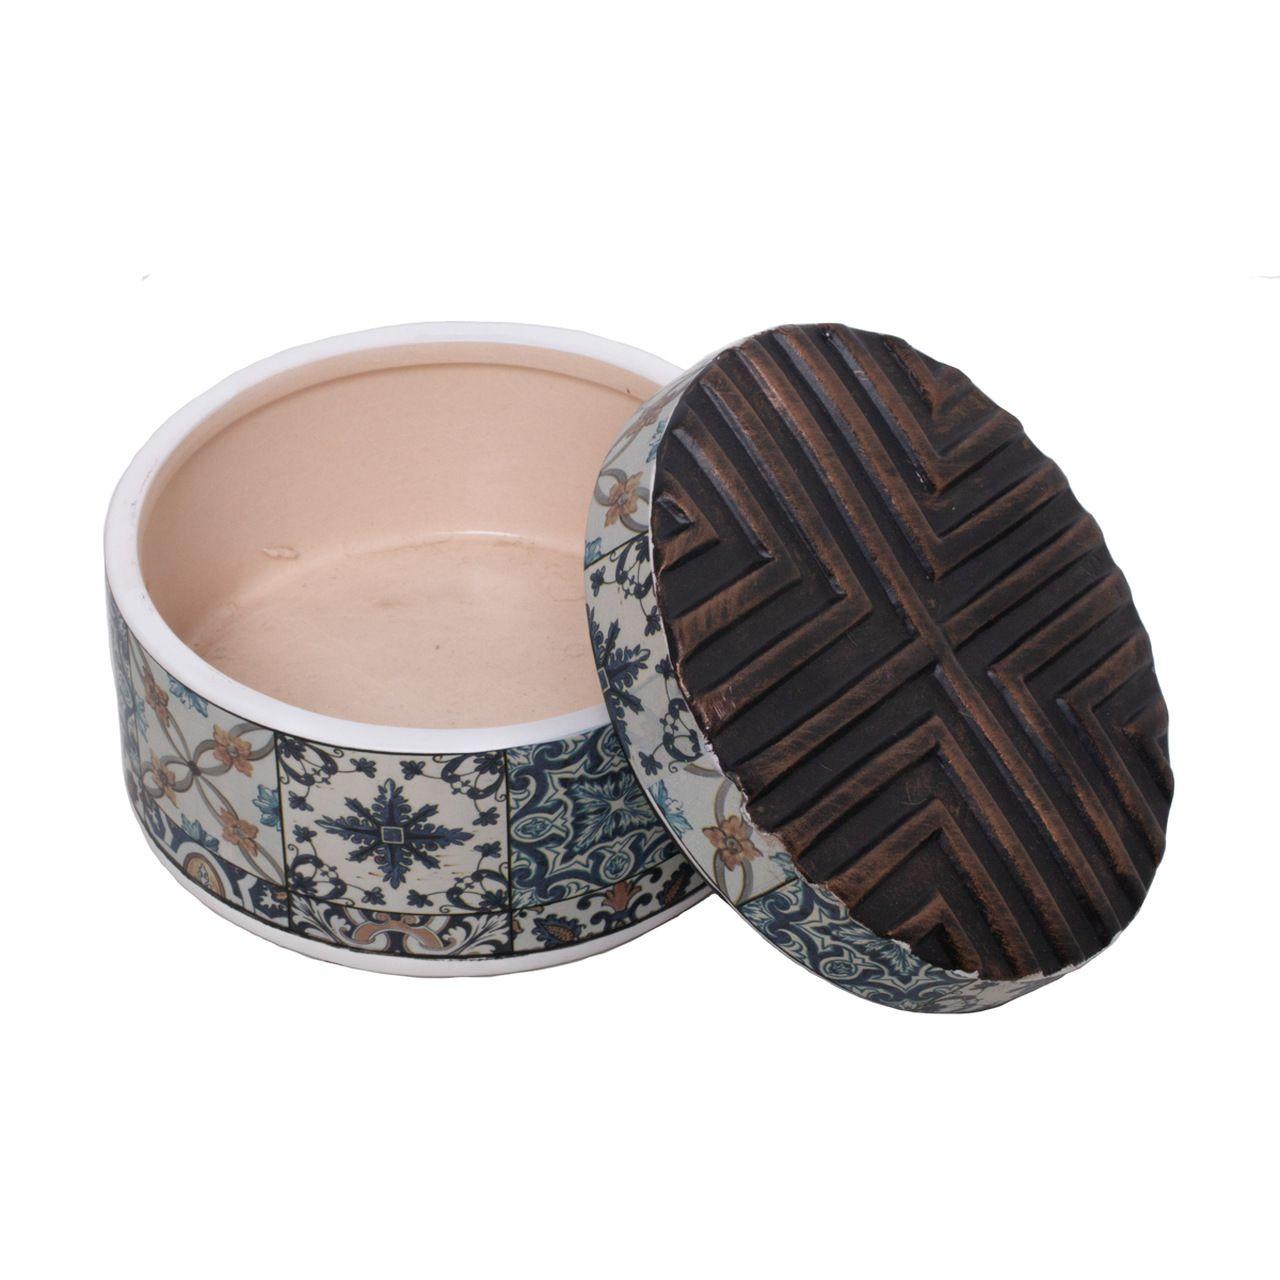 Potiche Decorativo Cerâmica Decorado 11x7cm